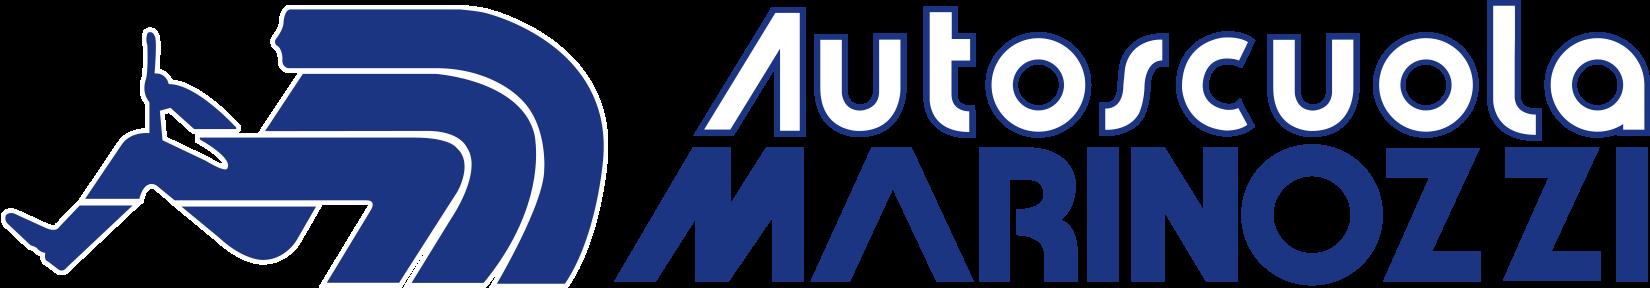 Autoscuola Marinozzi_logo